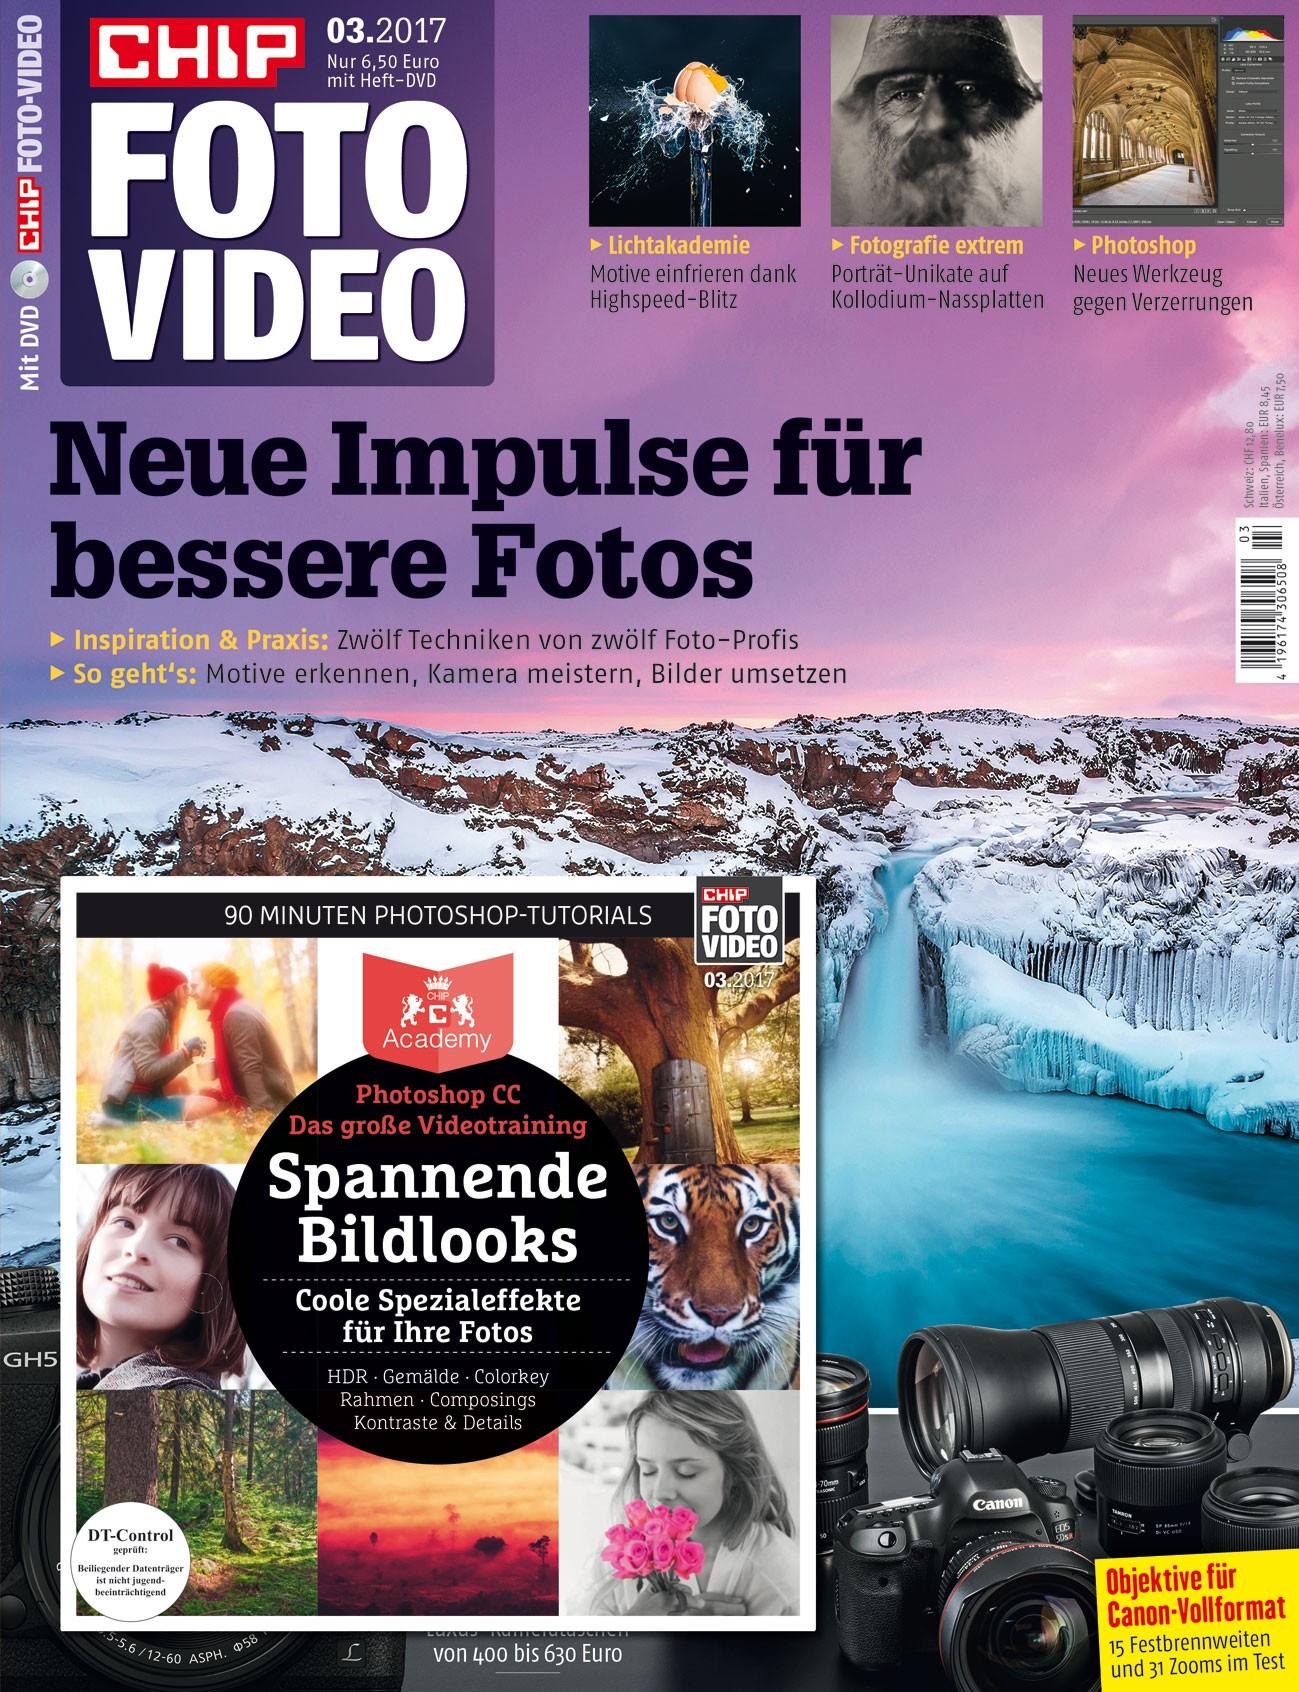 6 x CHIP FOTO-VIDEO mit DVD für effektiv 6,90€ durch 30 € ShoppingBON (inkl. Amazon)